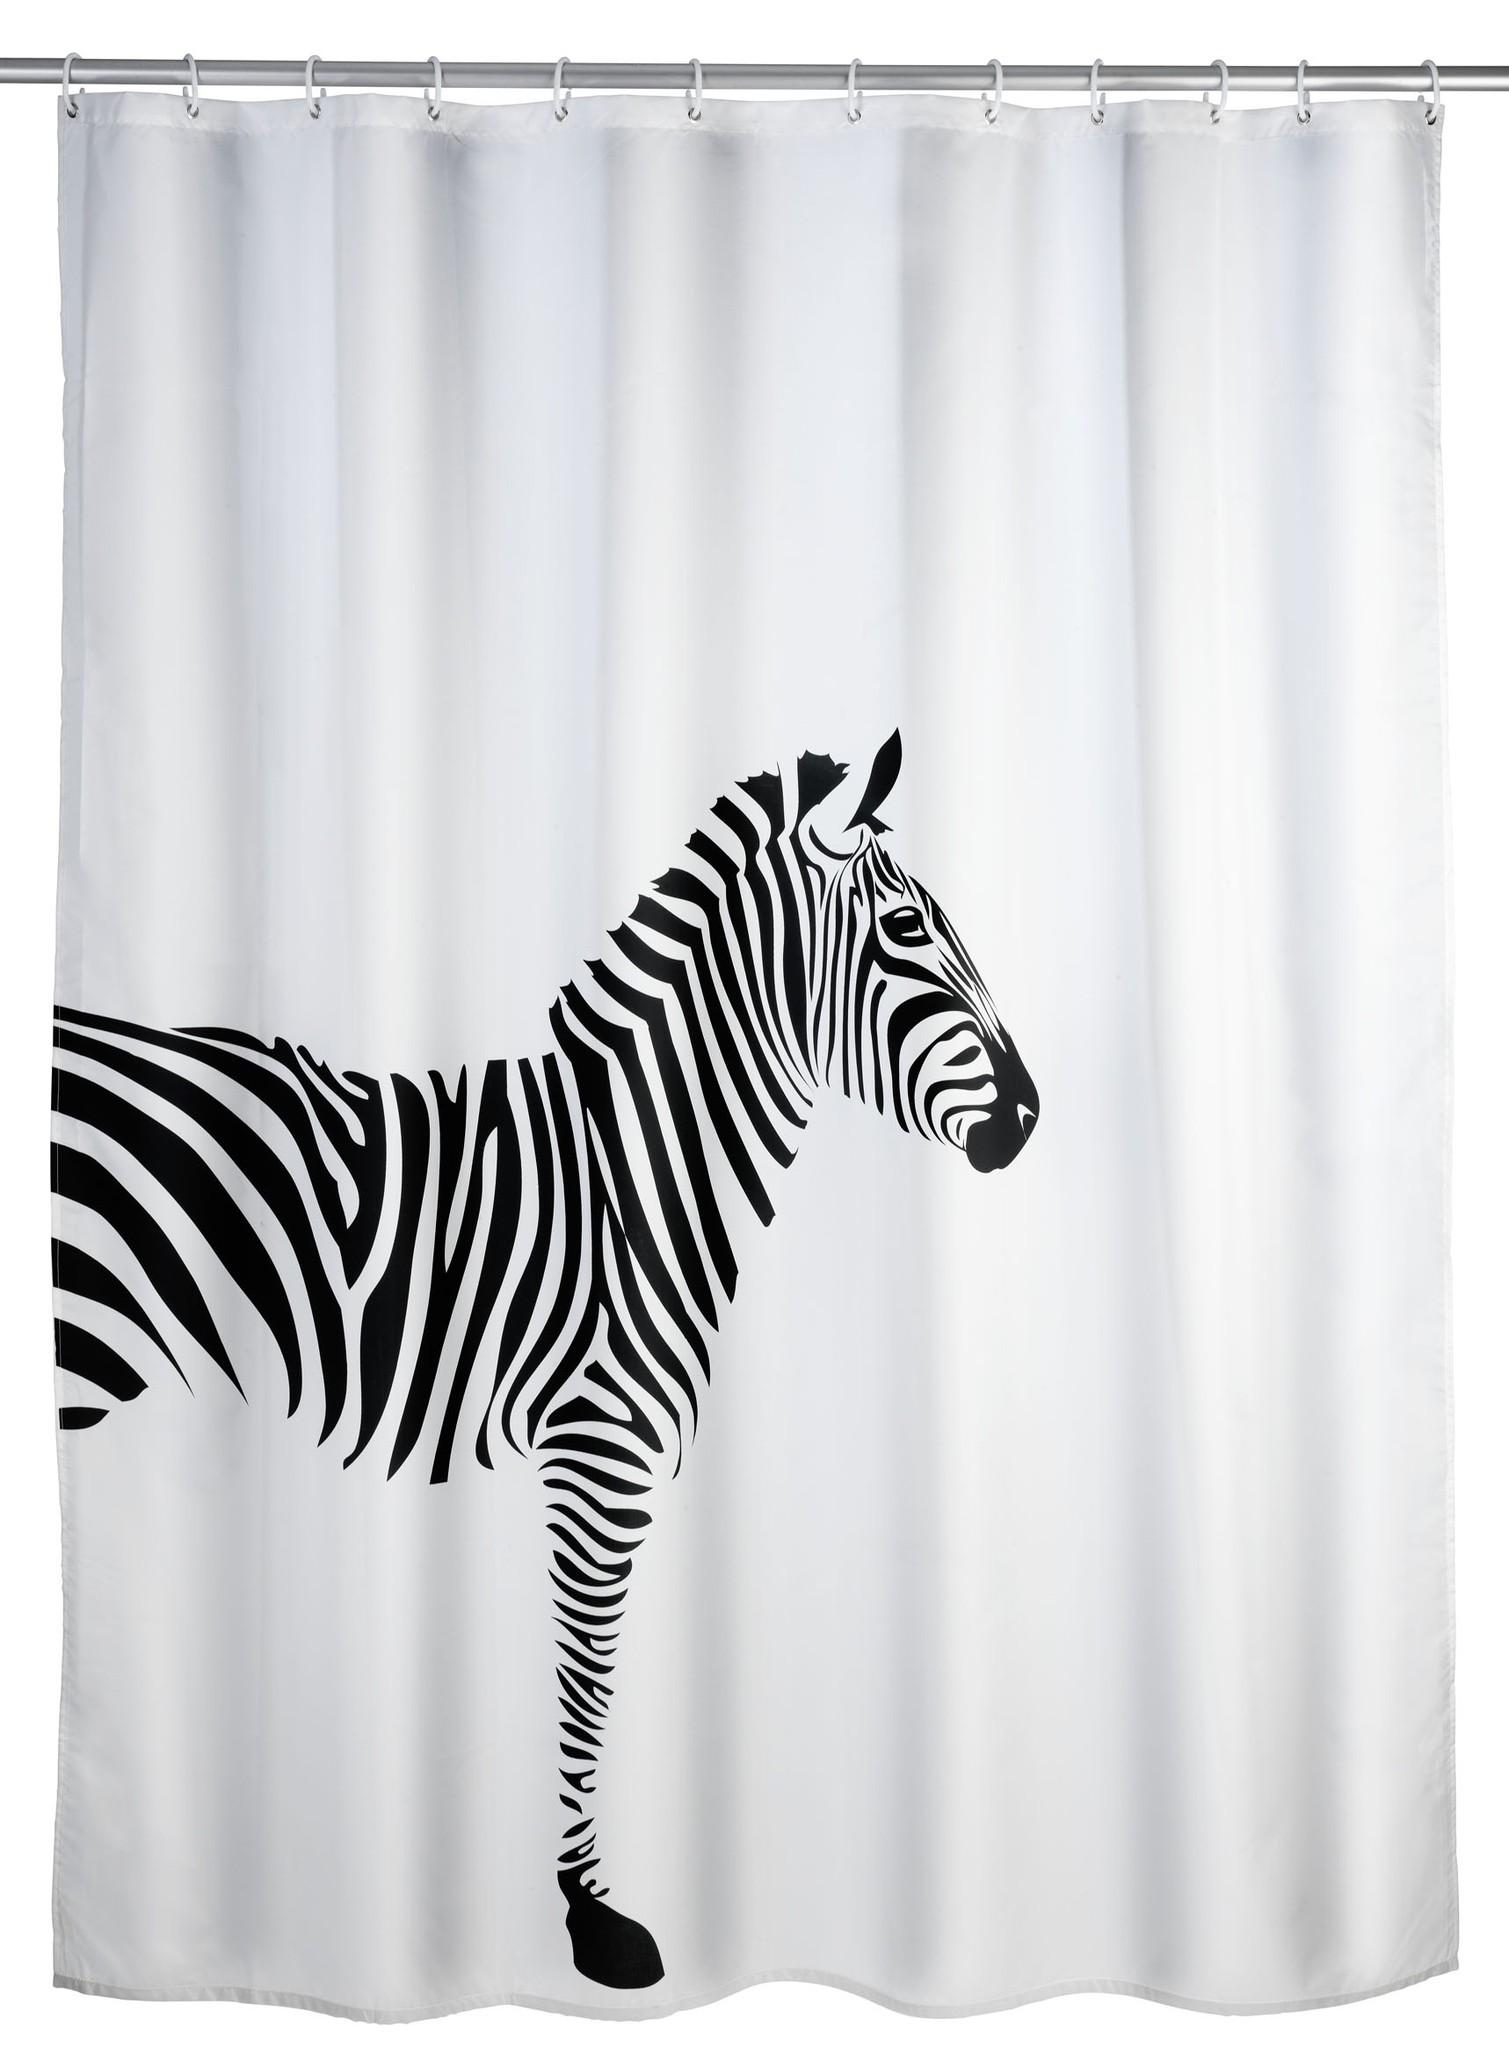 Wenko Anti-Schimmel Duschvorhang Wild, 180 x 200 cm, waschbar